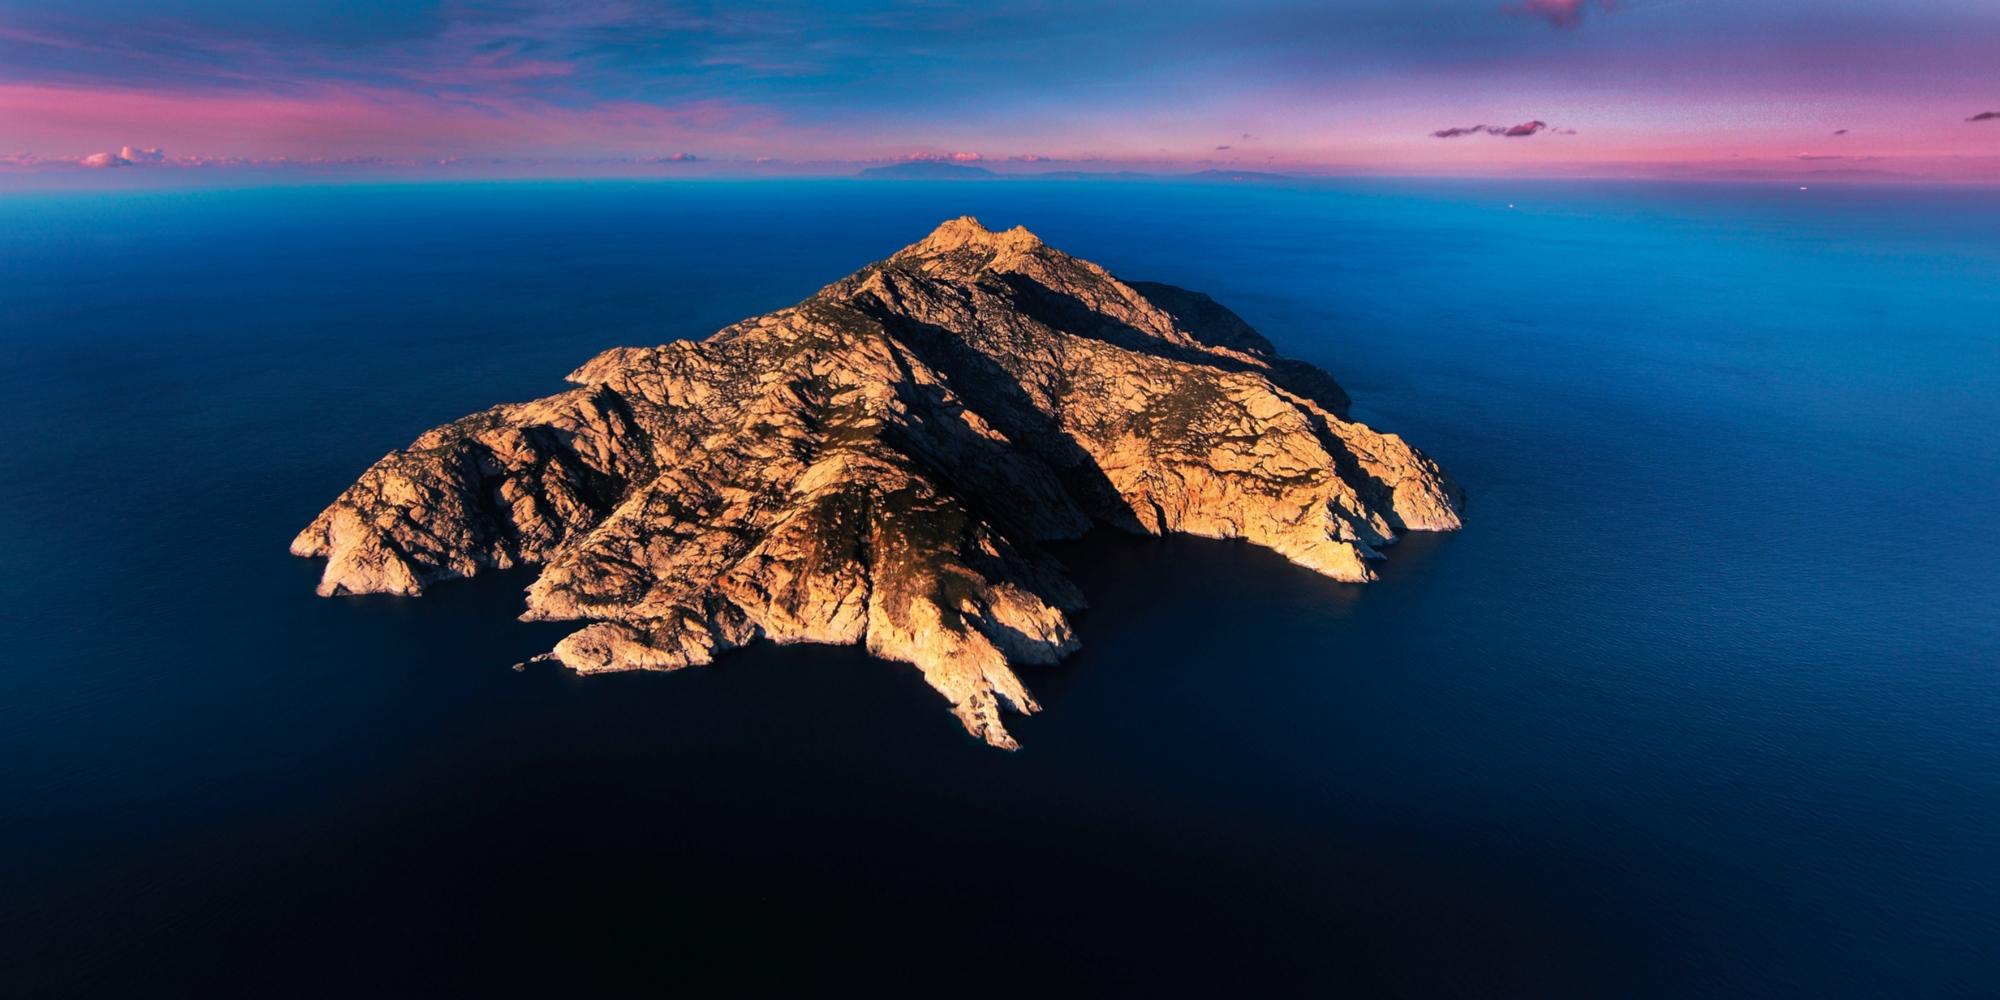 Najtajanstveniji otok Evrope koji godišnje smije posjetiti samo hiljadu ljudi